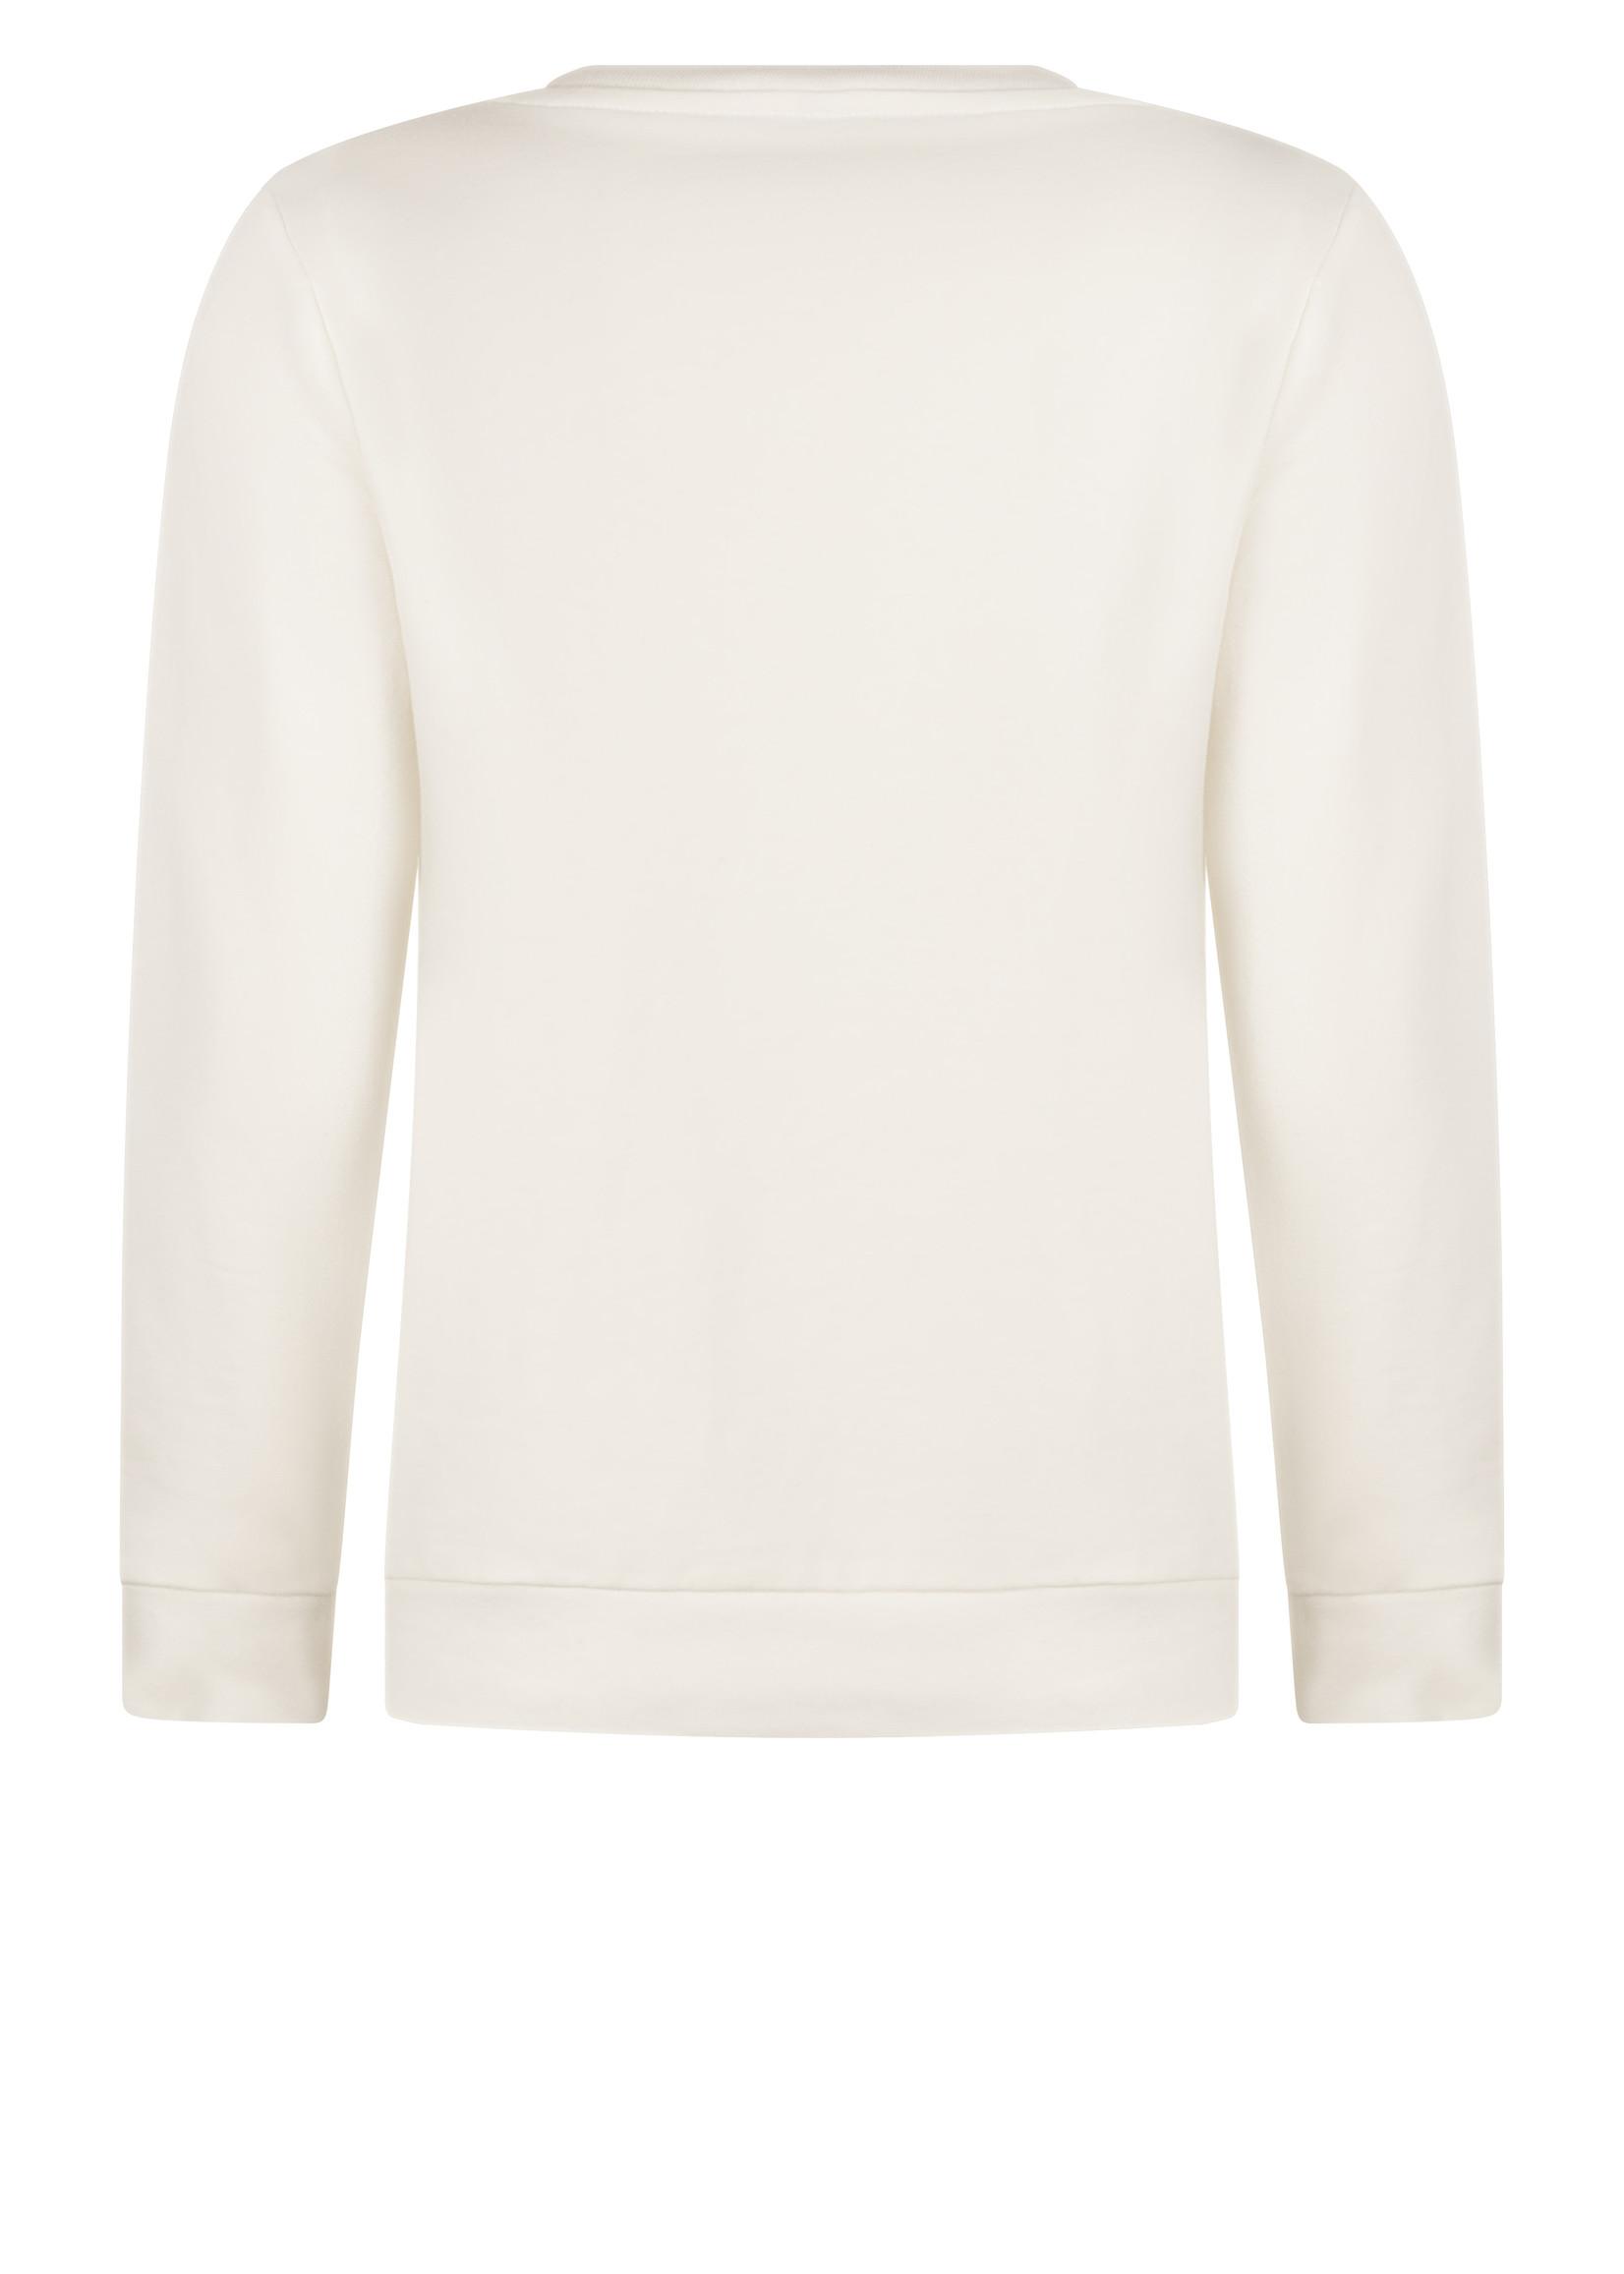 Zoso Zoso - Lauren - sweater